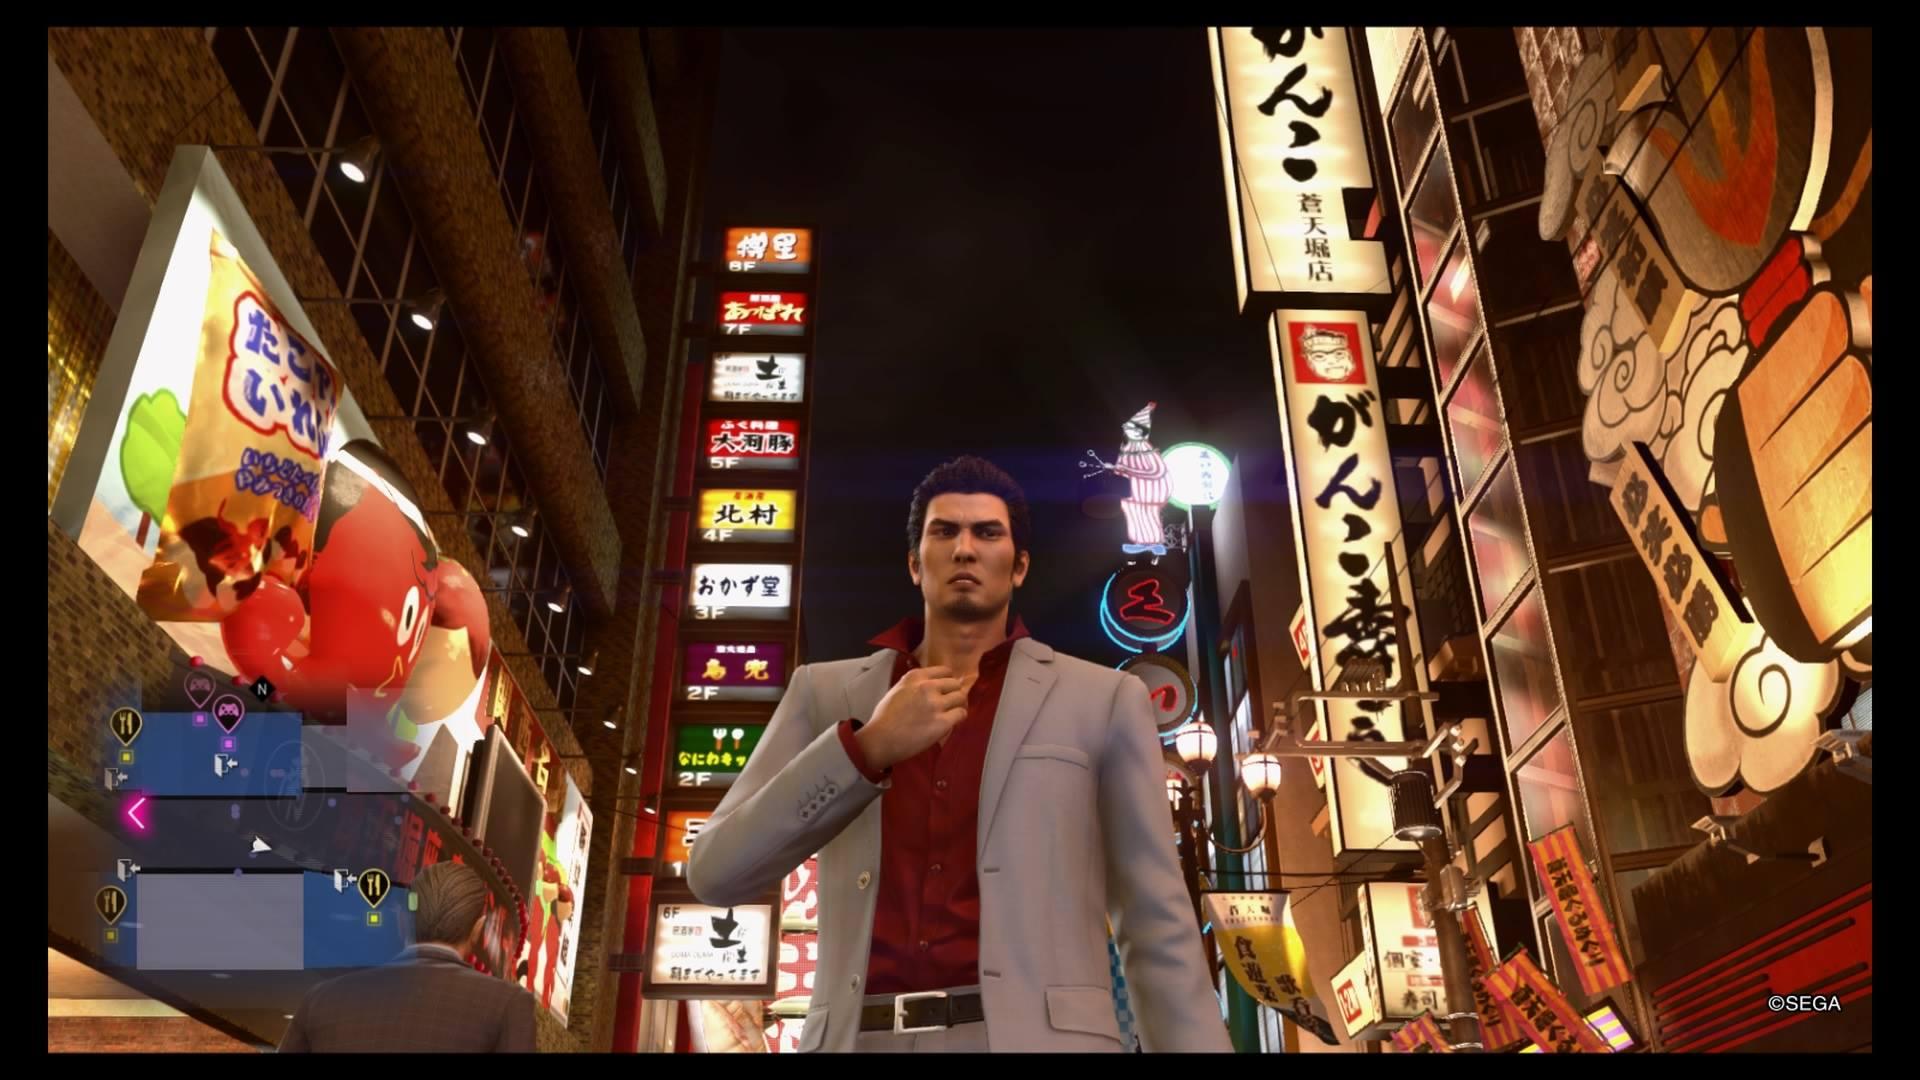 Yakuza image 2